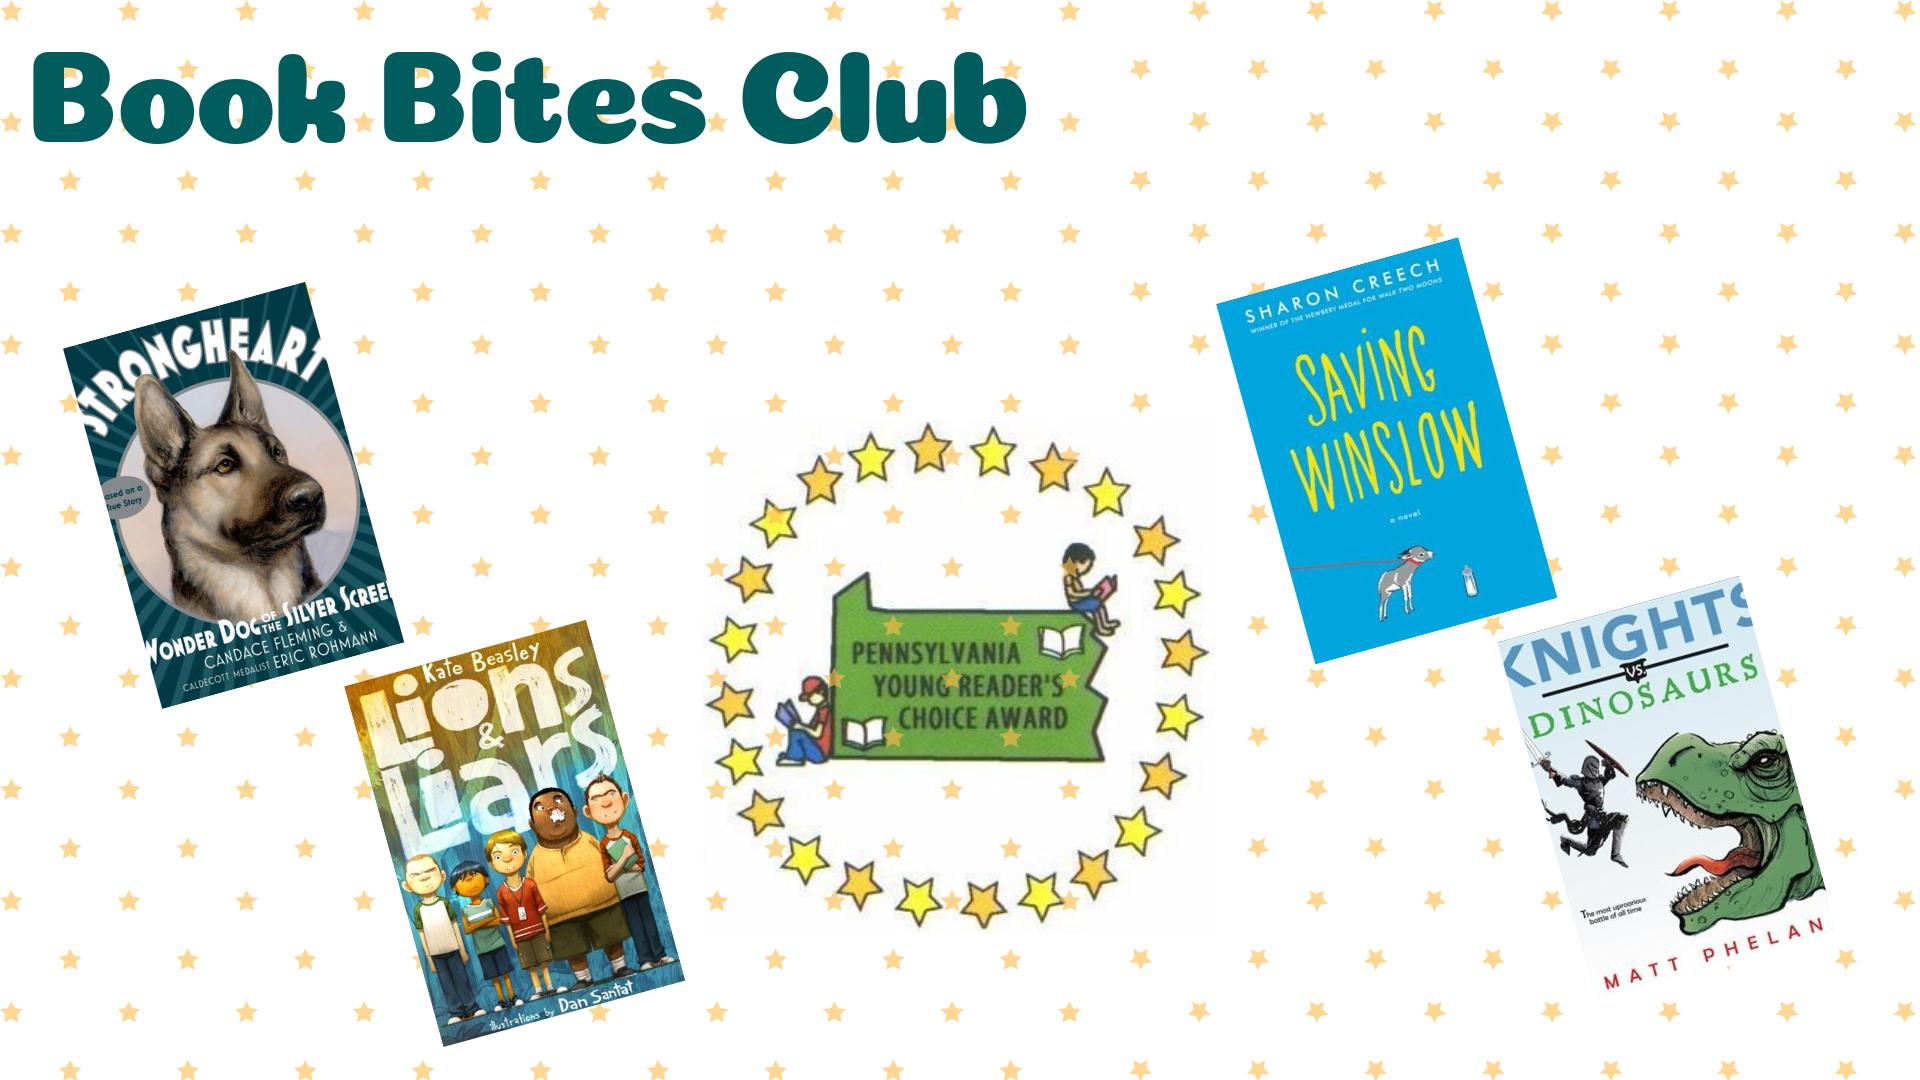 Book Bites Club